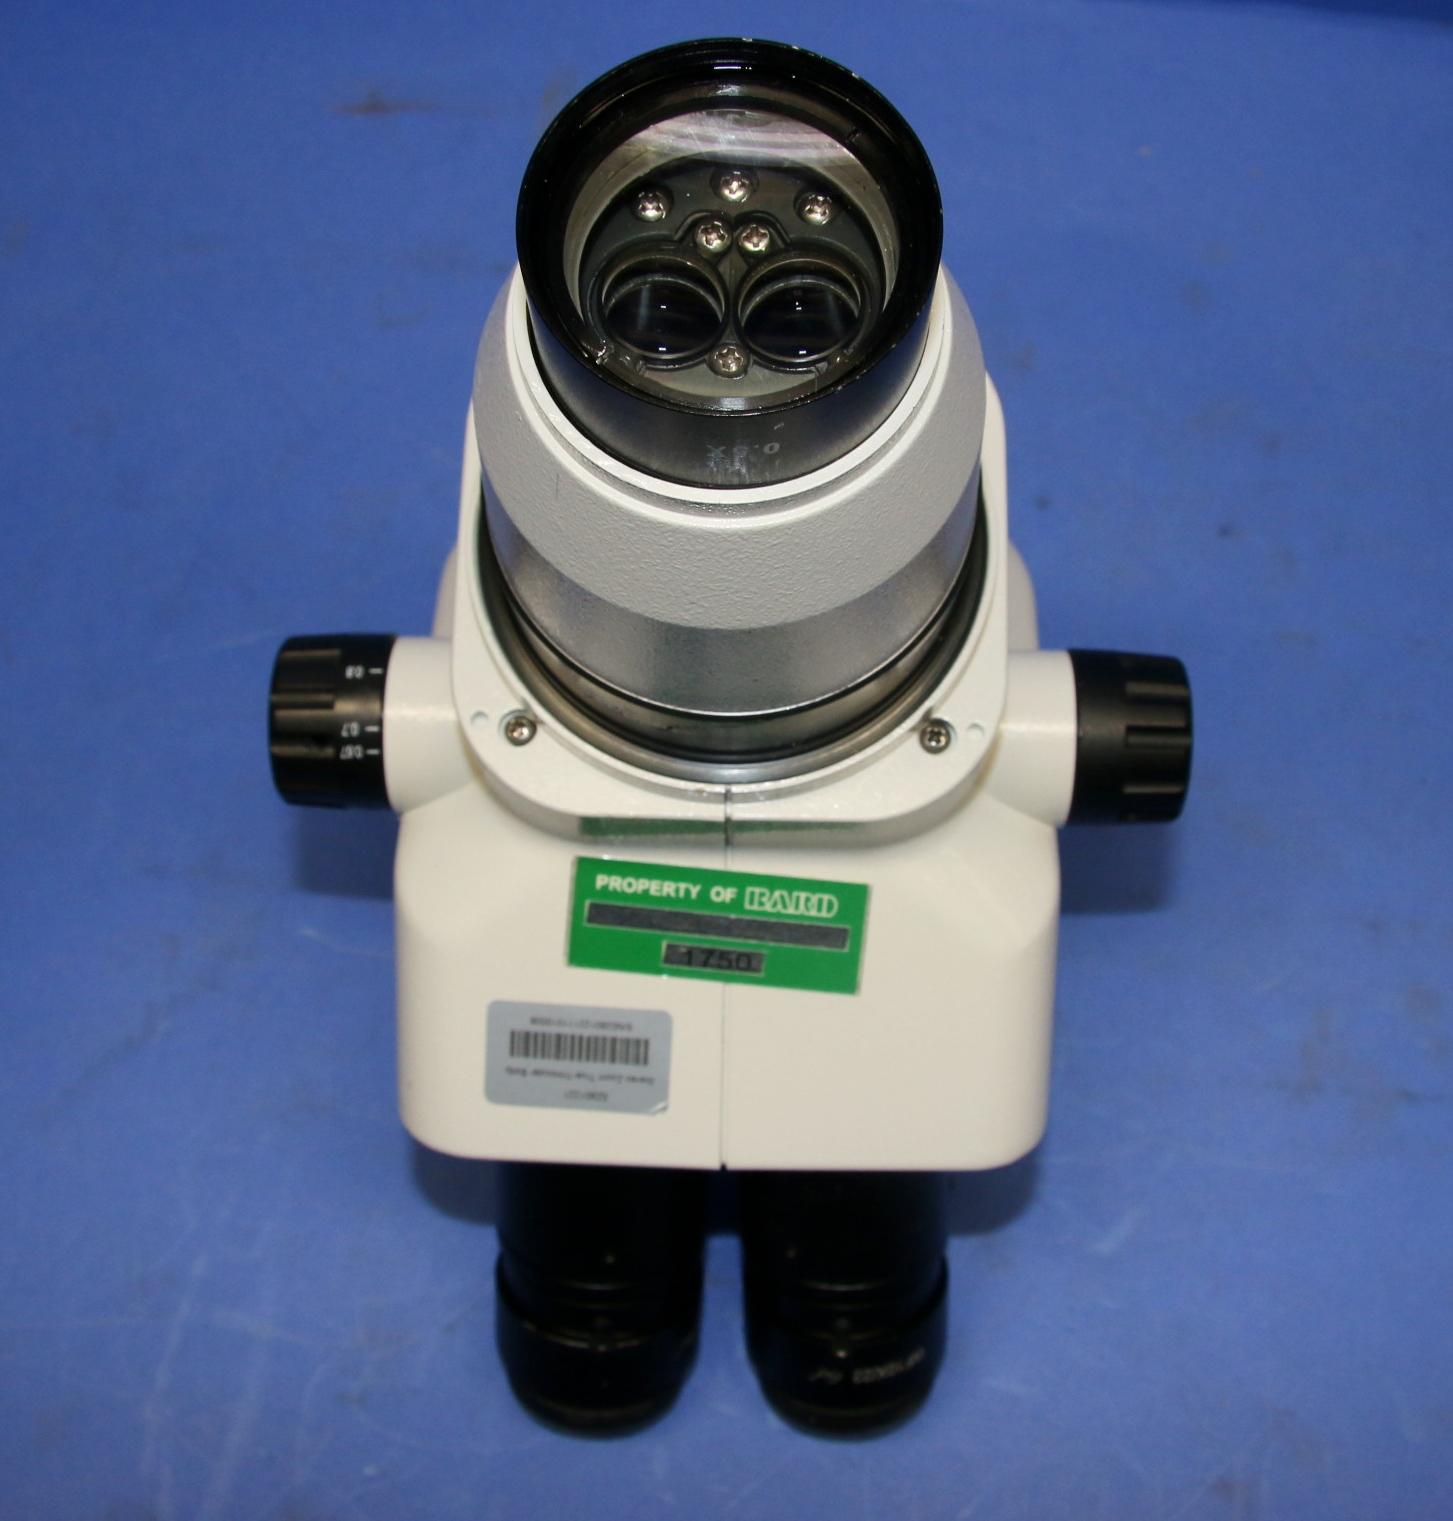 (1) Used Stereo Zoom SZ901221 Trinocular Body Microscope 16976